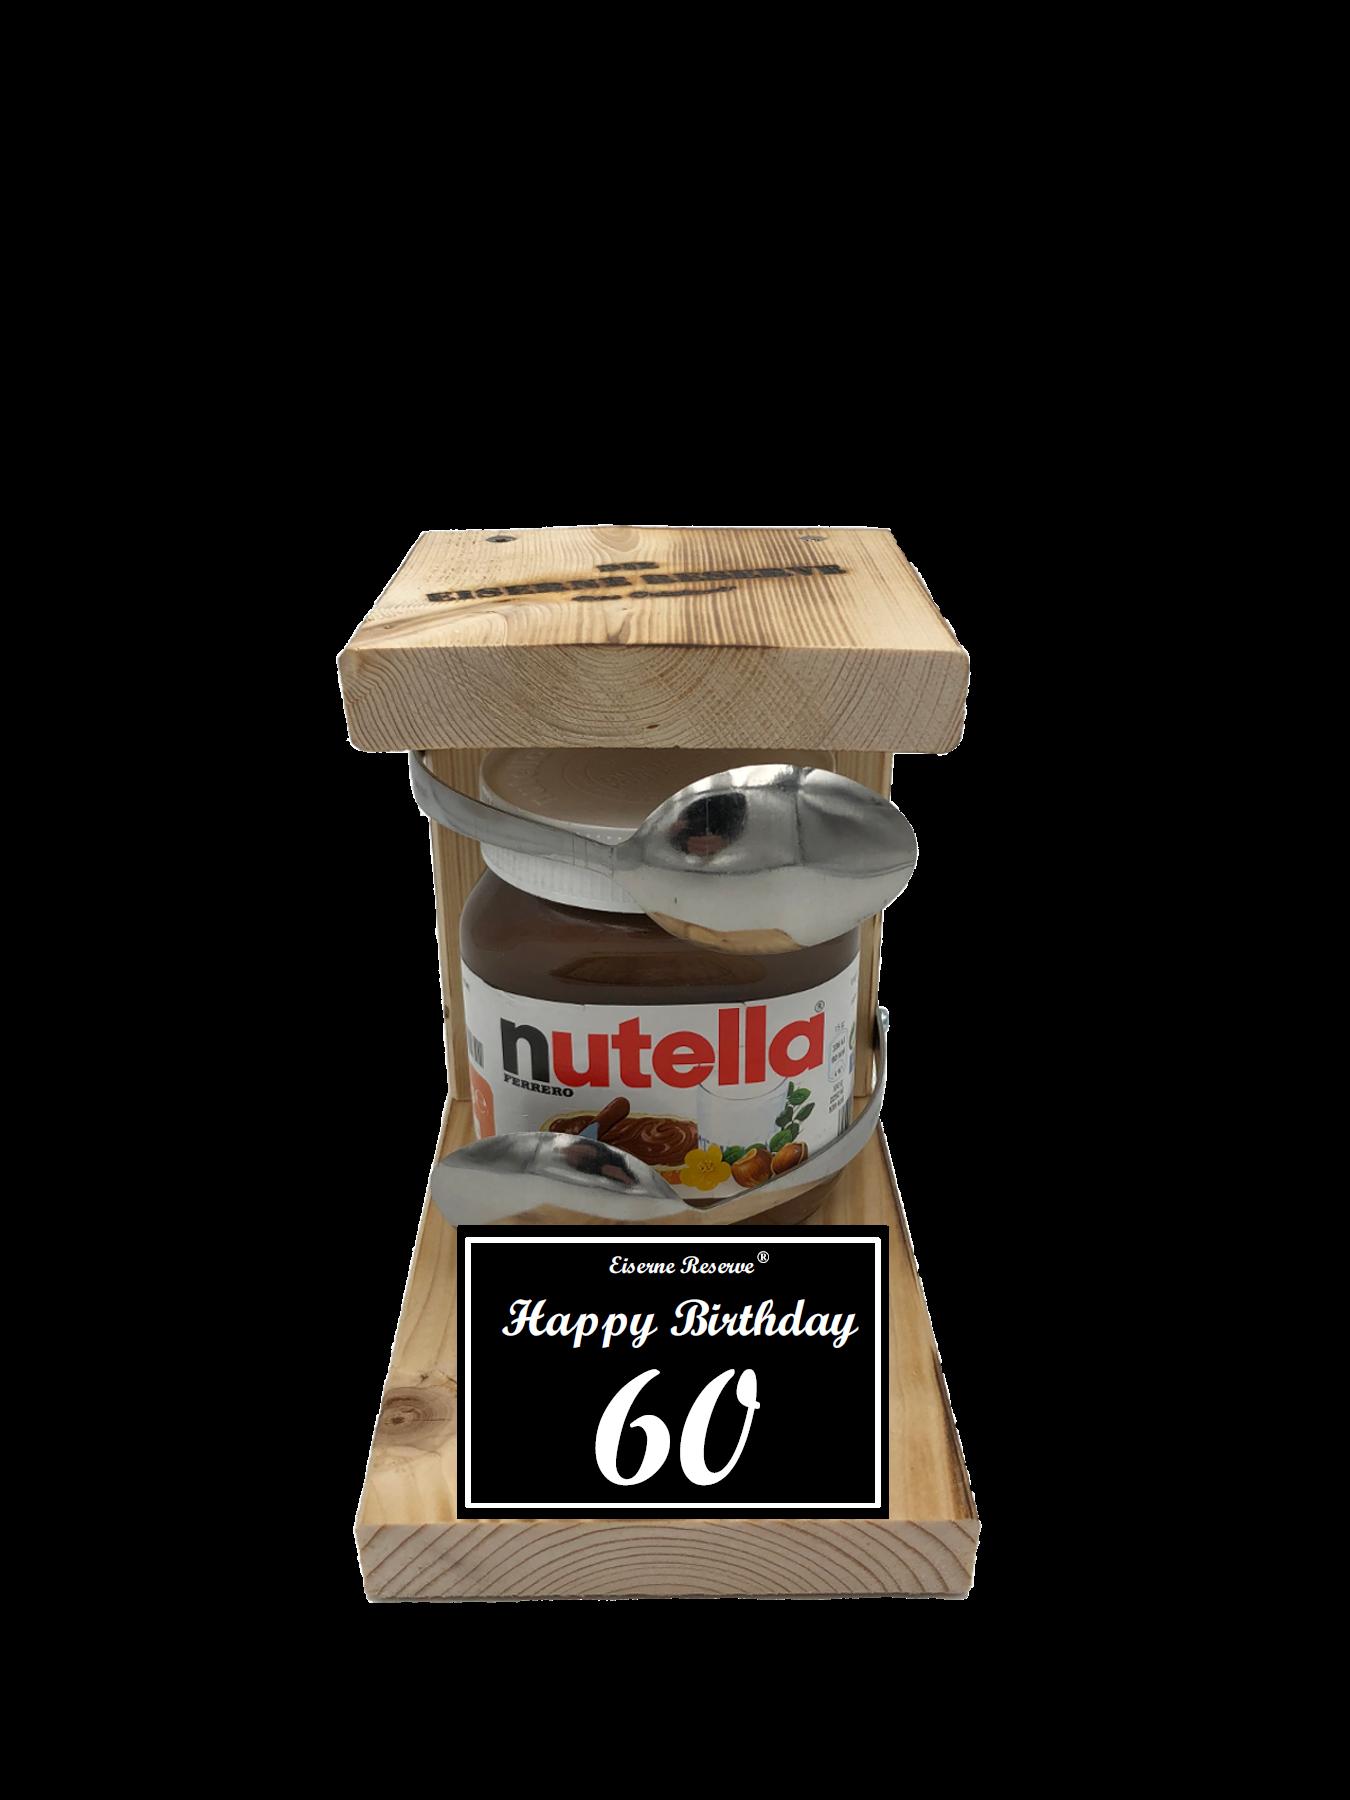 60 Happy Birthday Löffel Nutella Geschenk - Die Nutella Geschenkidee